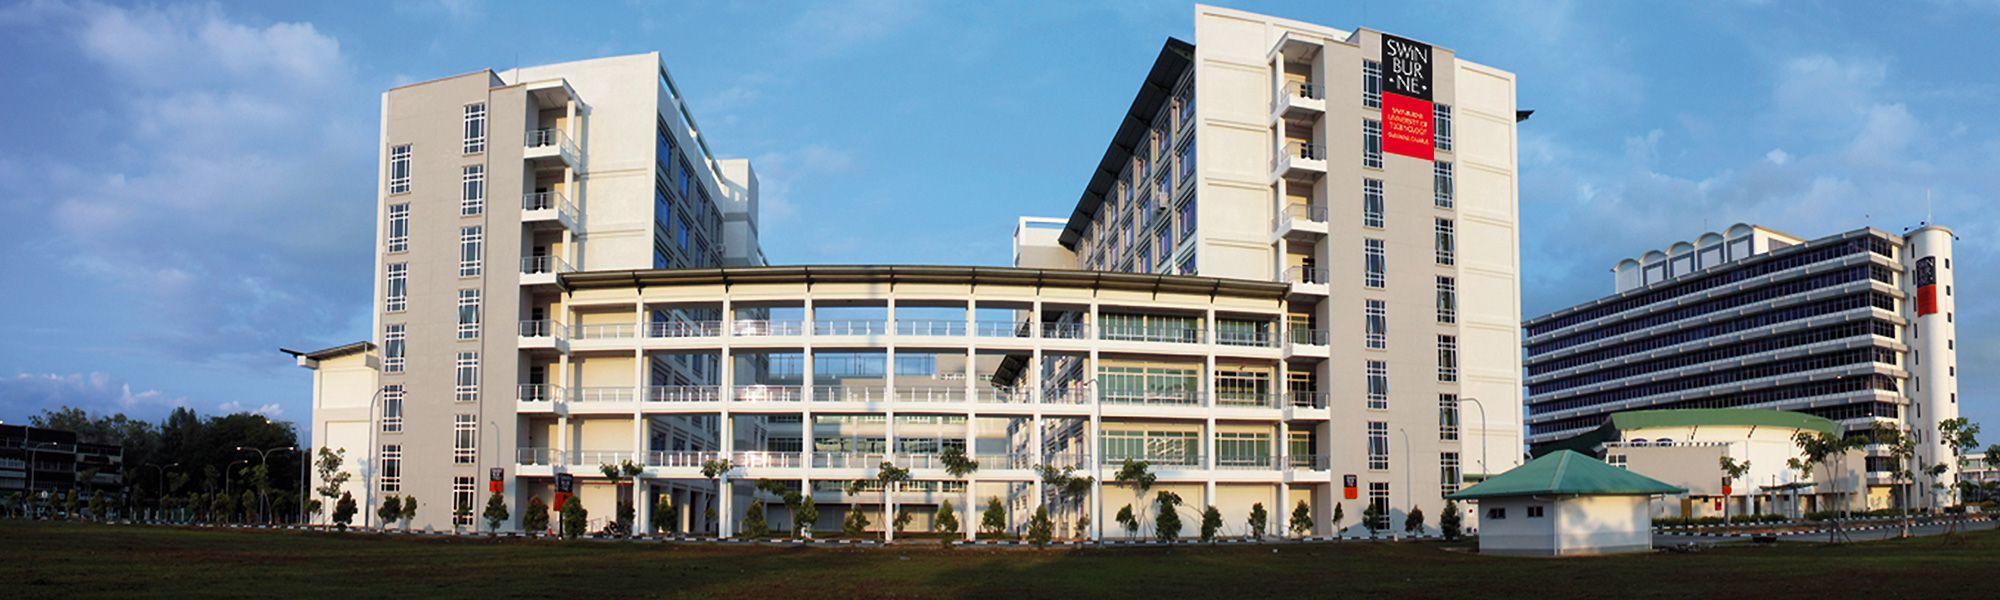 Image result for swinburne university of technology